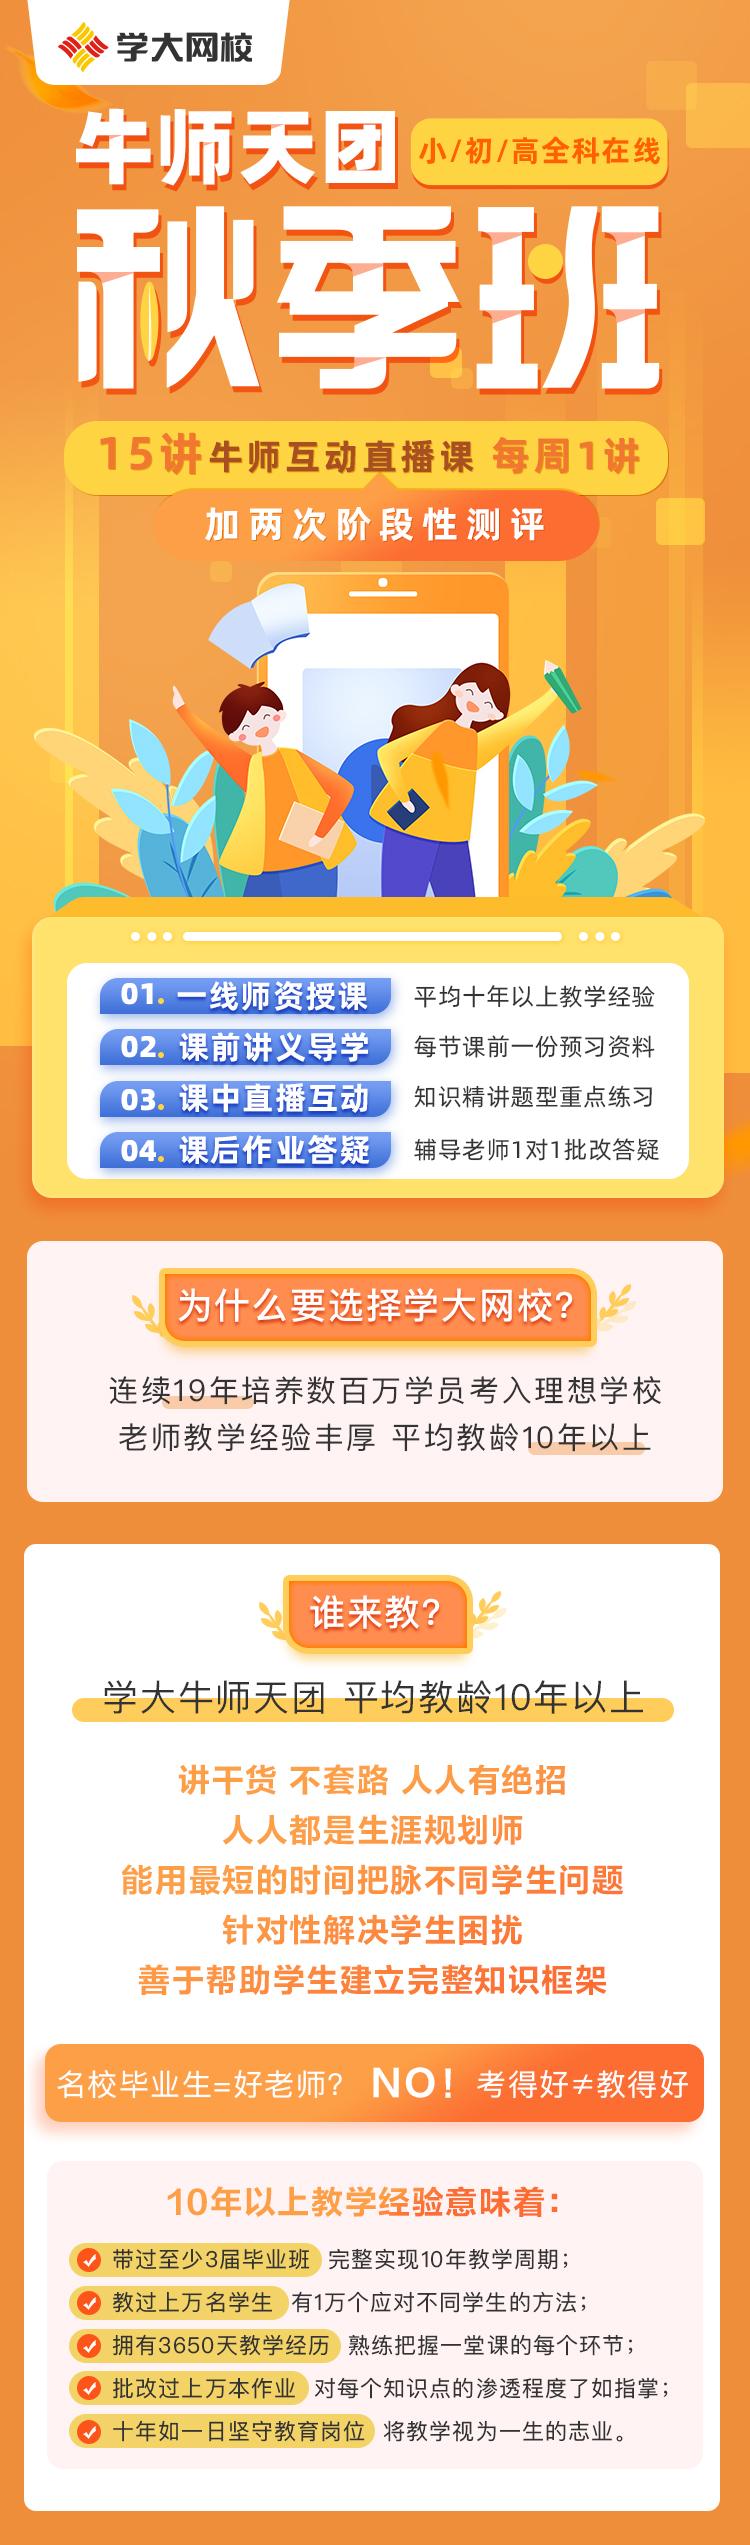 https://xdo-storage.oss-cn-beijing.aliyuncs.com/2020/08/07/bPLfUNezXlVskLEOBwDOxrC8mi6AIcEjky6GOqxD.jpeg